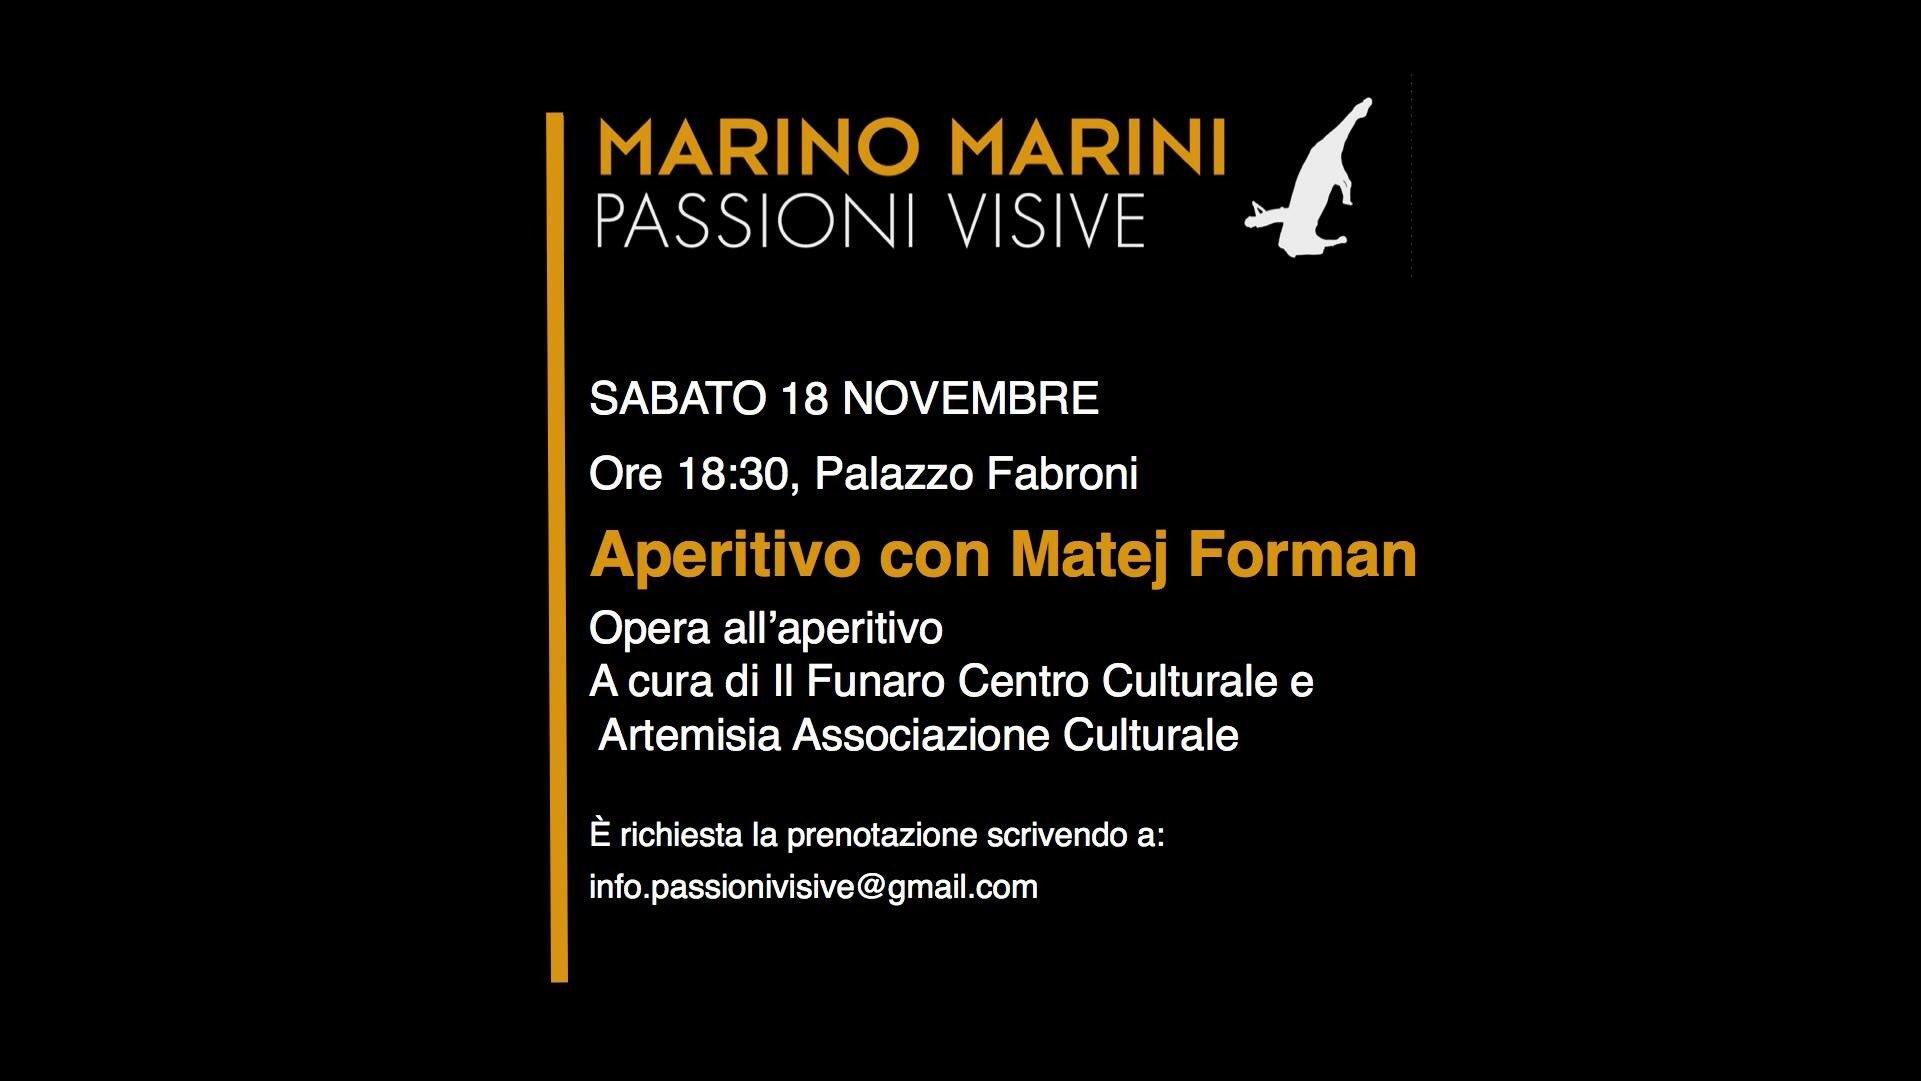 18 novembre APERITIVO CON...  #PassioniVisive #pistoia17 https://t.co/n8RNMGOIWZ